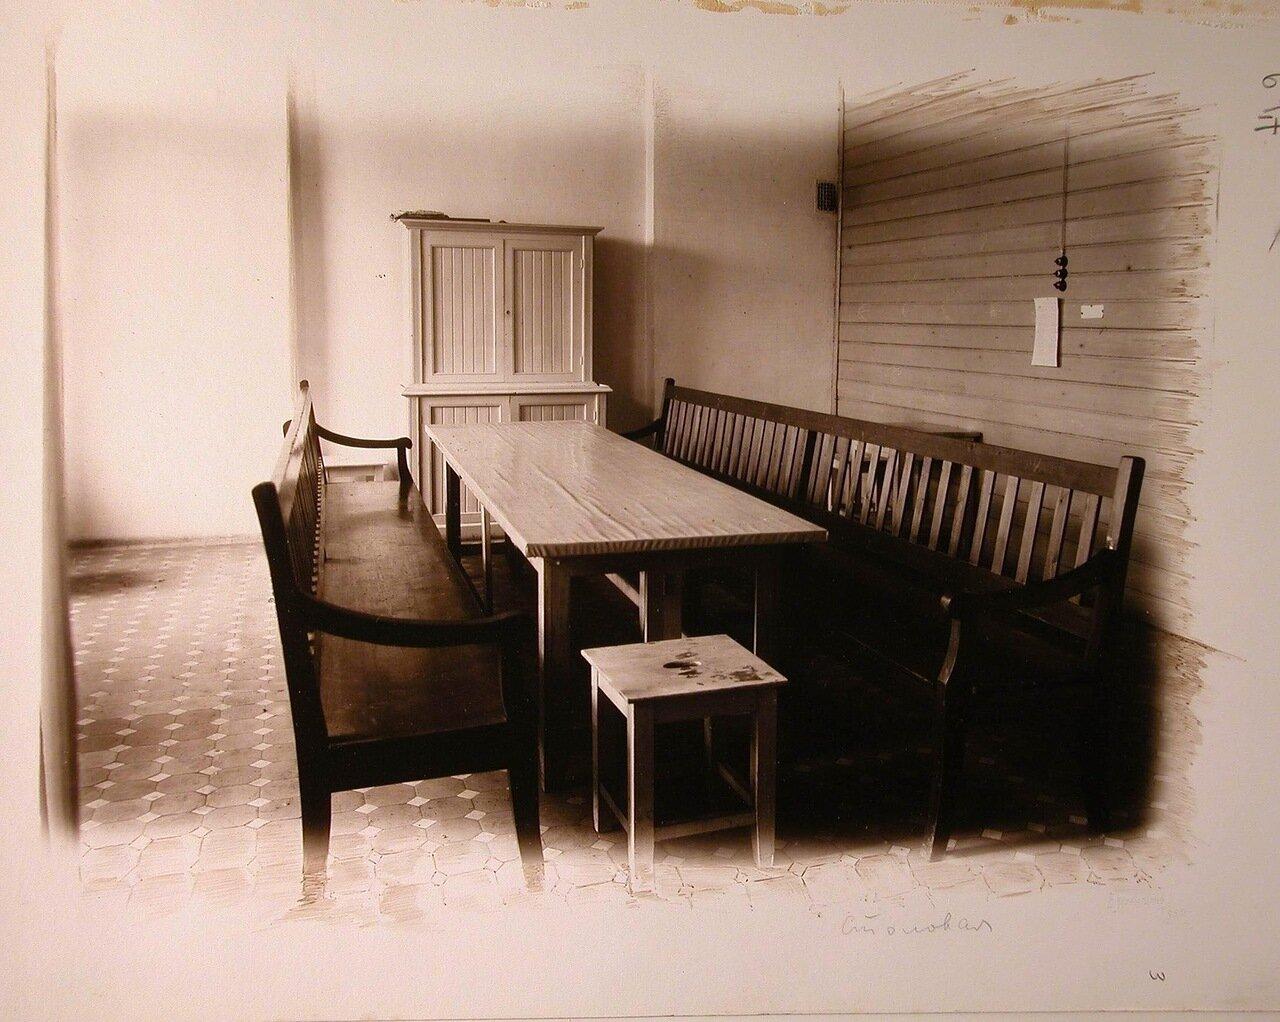 03. Вид части столовой в госпитале